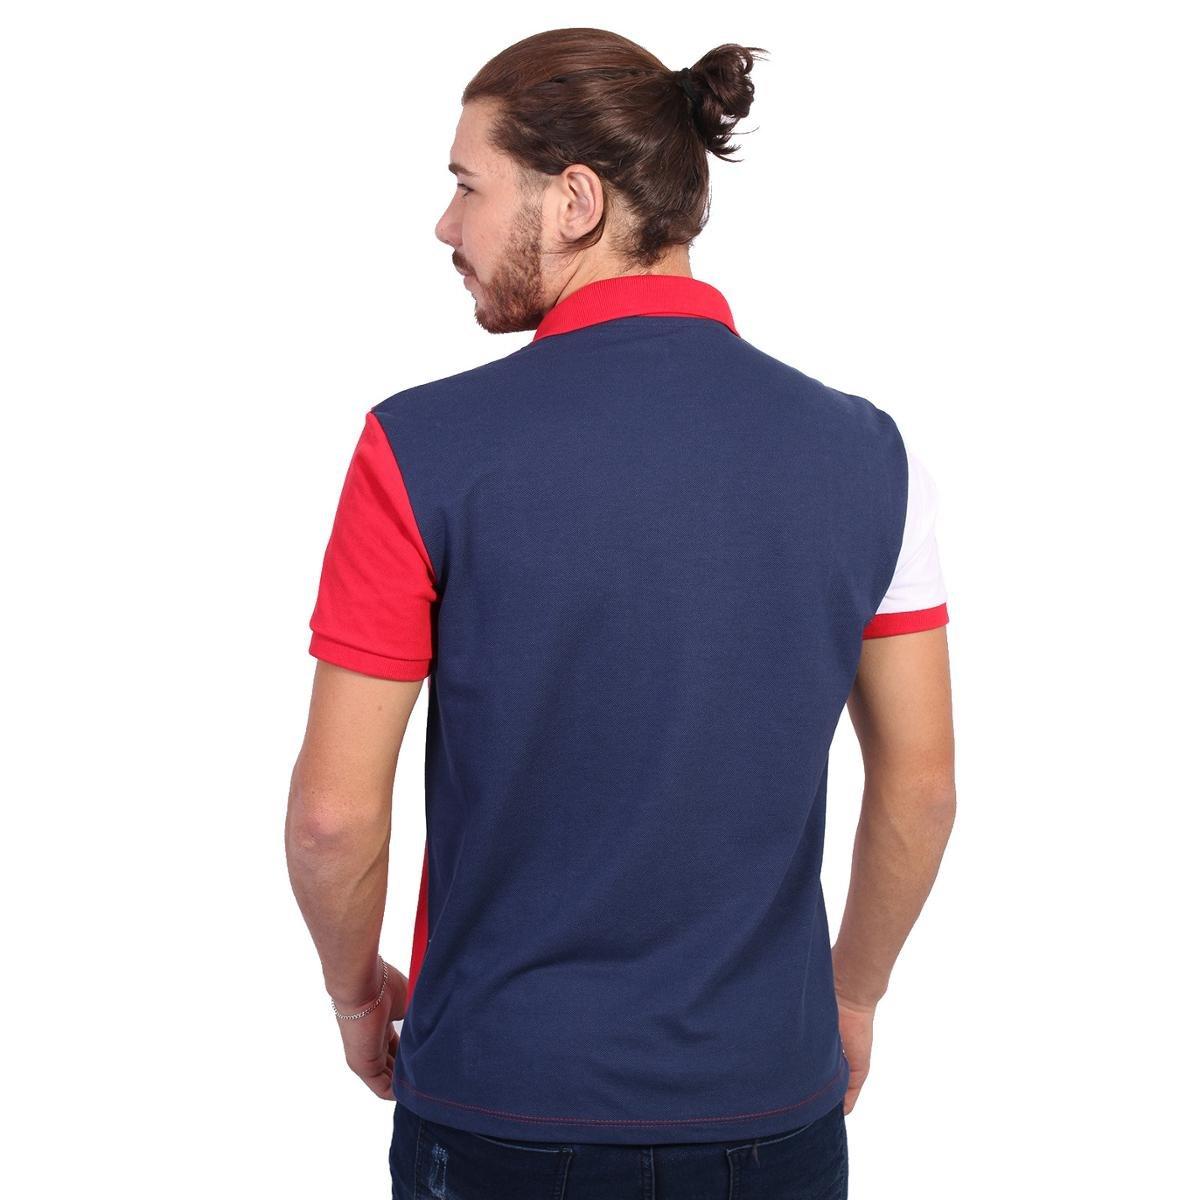 4a14a277f5 Camisa Polo Golf Club Trios - Marinho e Vermelho - Compre Agora ...